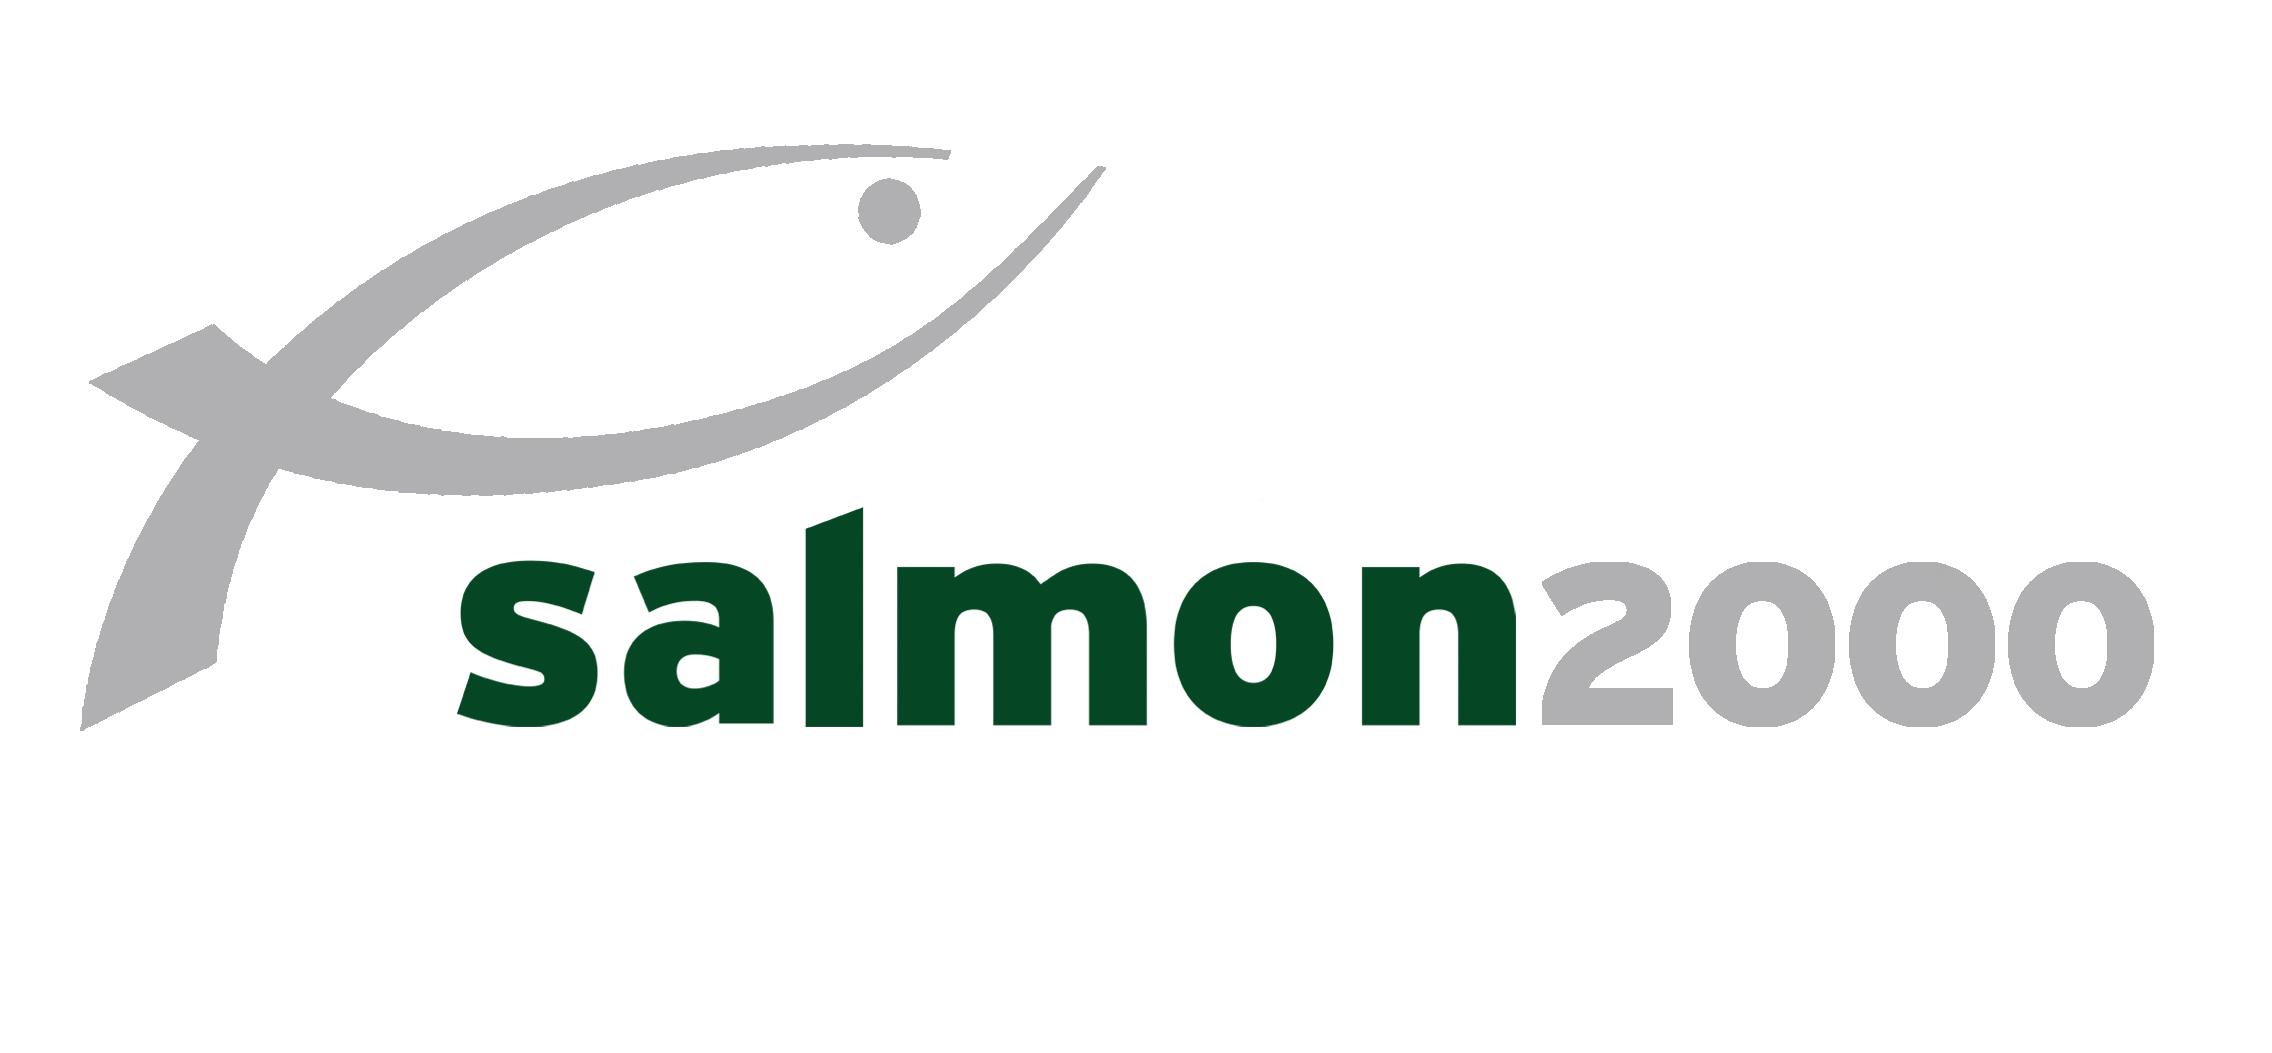 Salmon2000